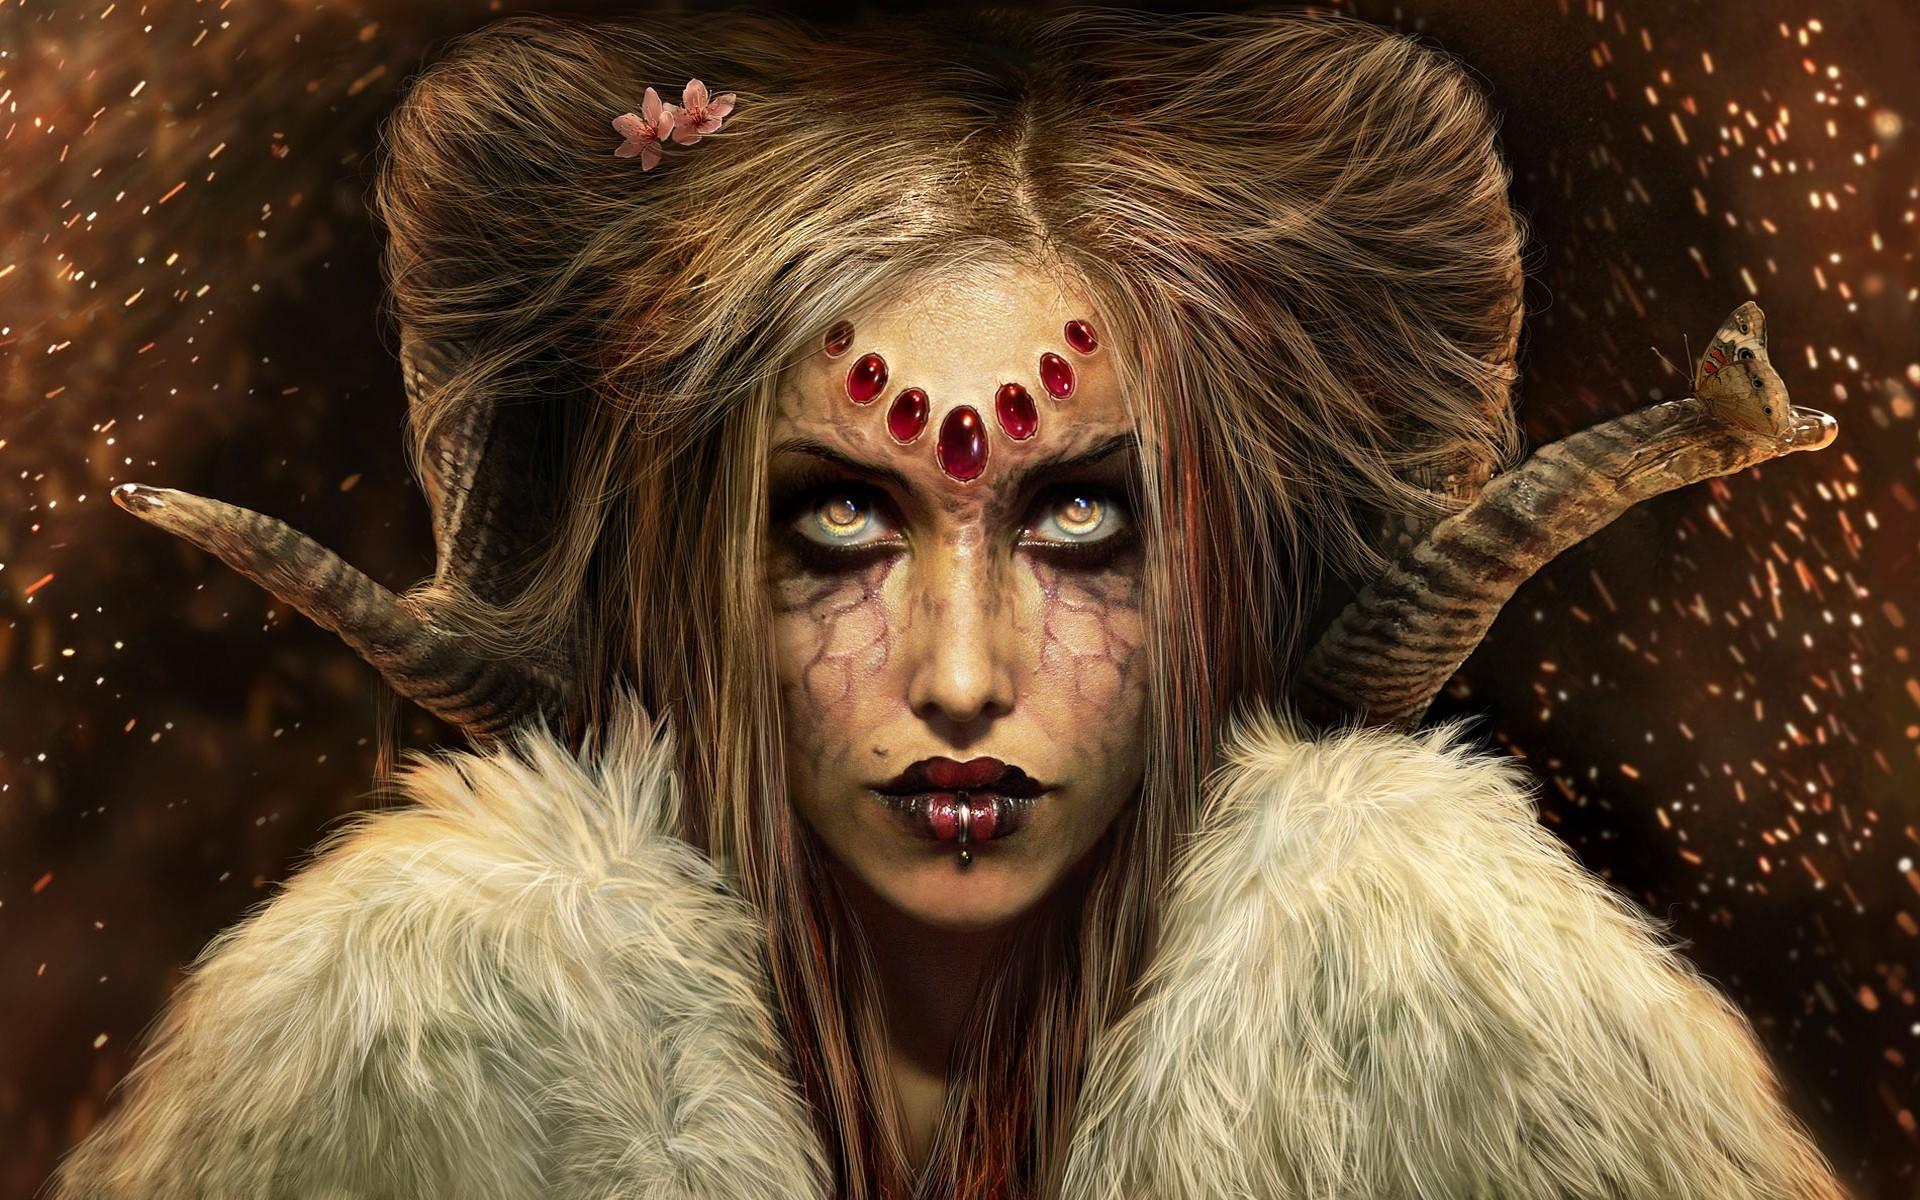 Res: 1920x1200, Demon-girl-wallpaper.jpg